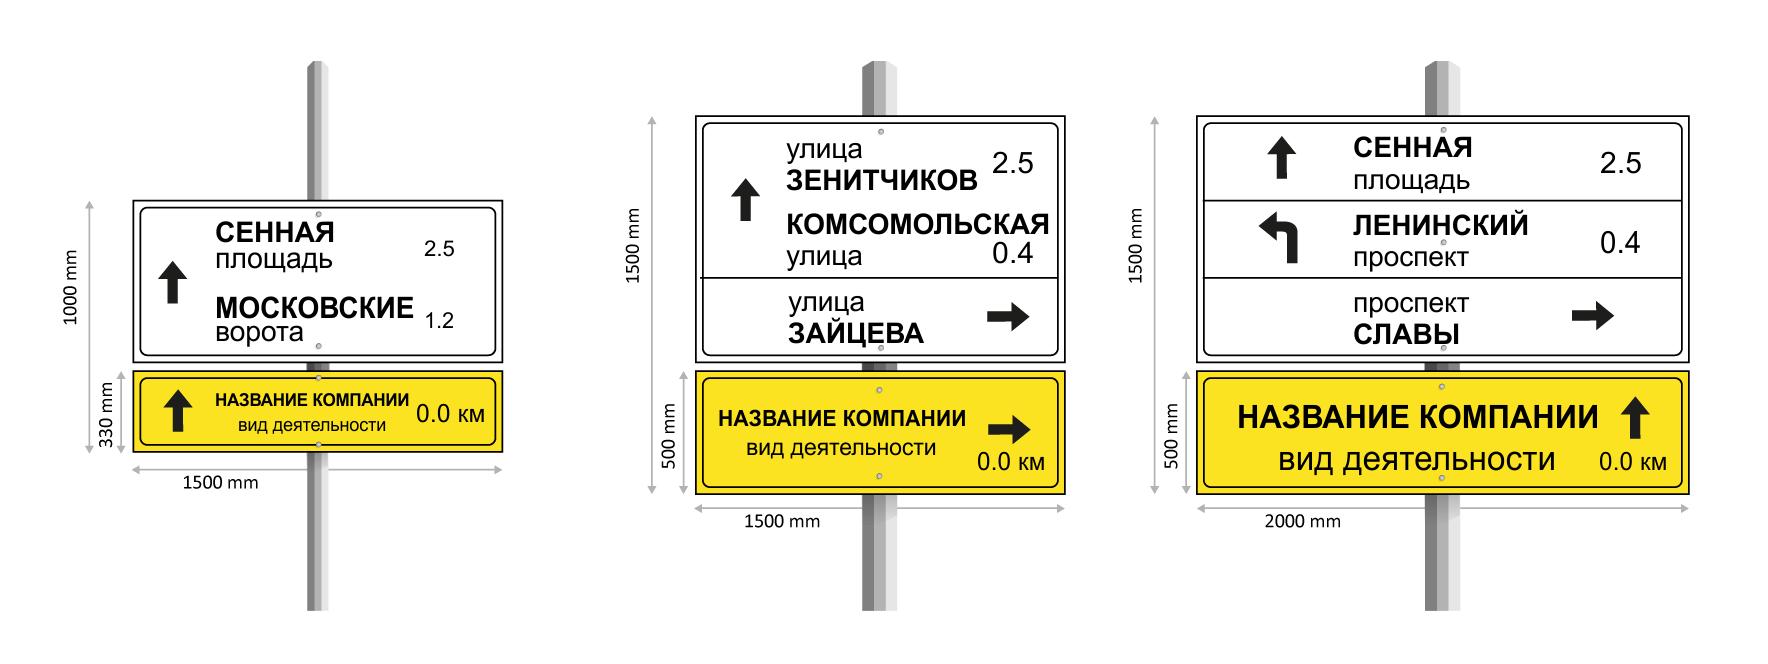 изготовление рекламных дорожных указателей